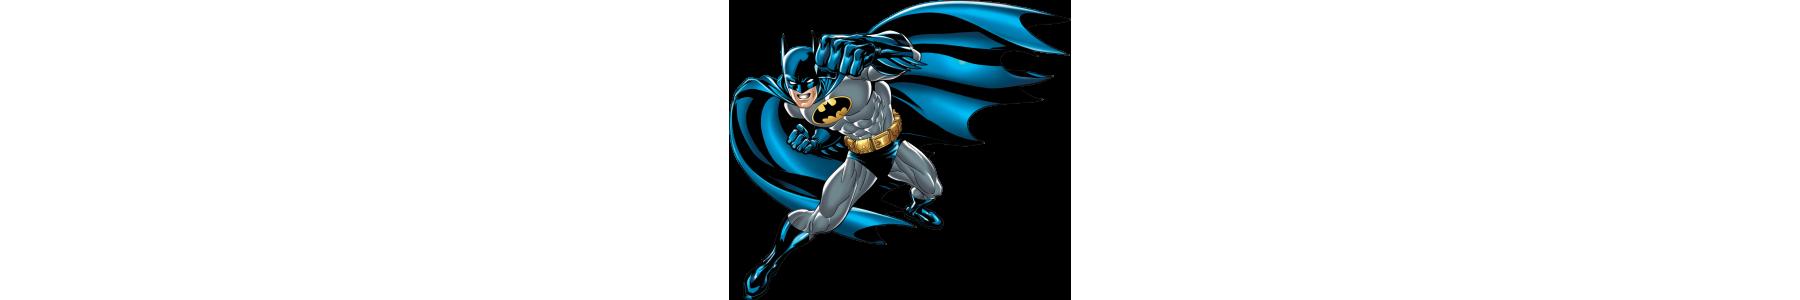 Articole de petrecere BATMAN DARK HERO